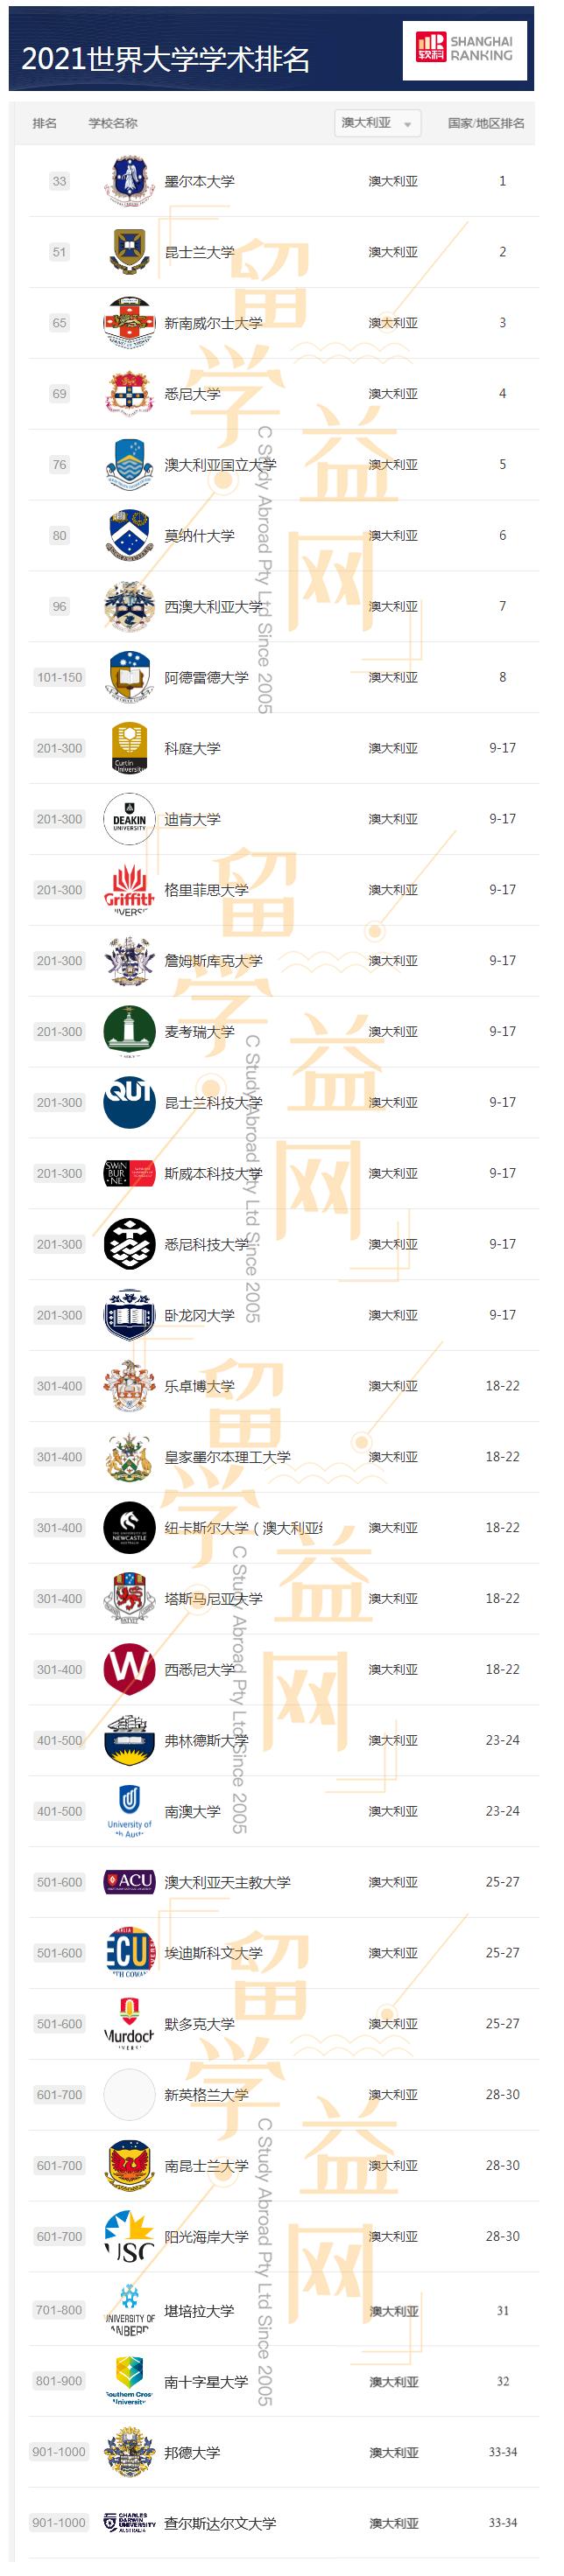 2021.08.16 软科世界大学排名2021.png